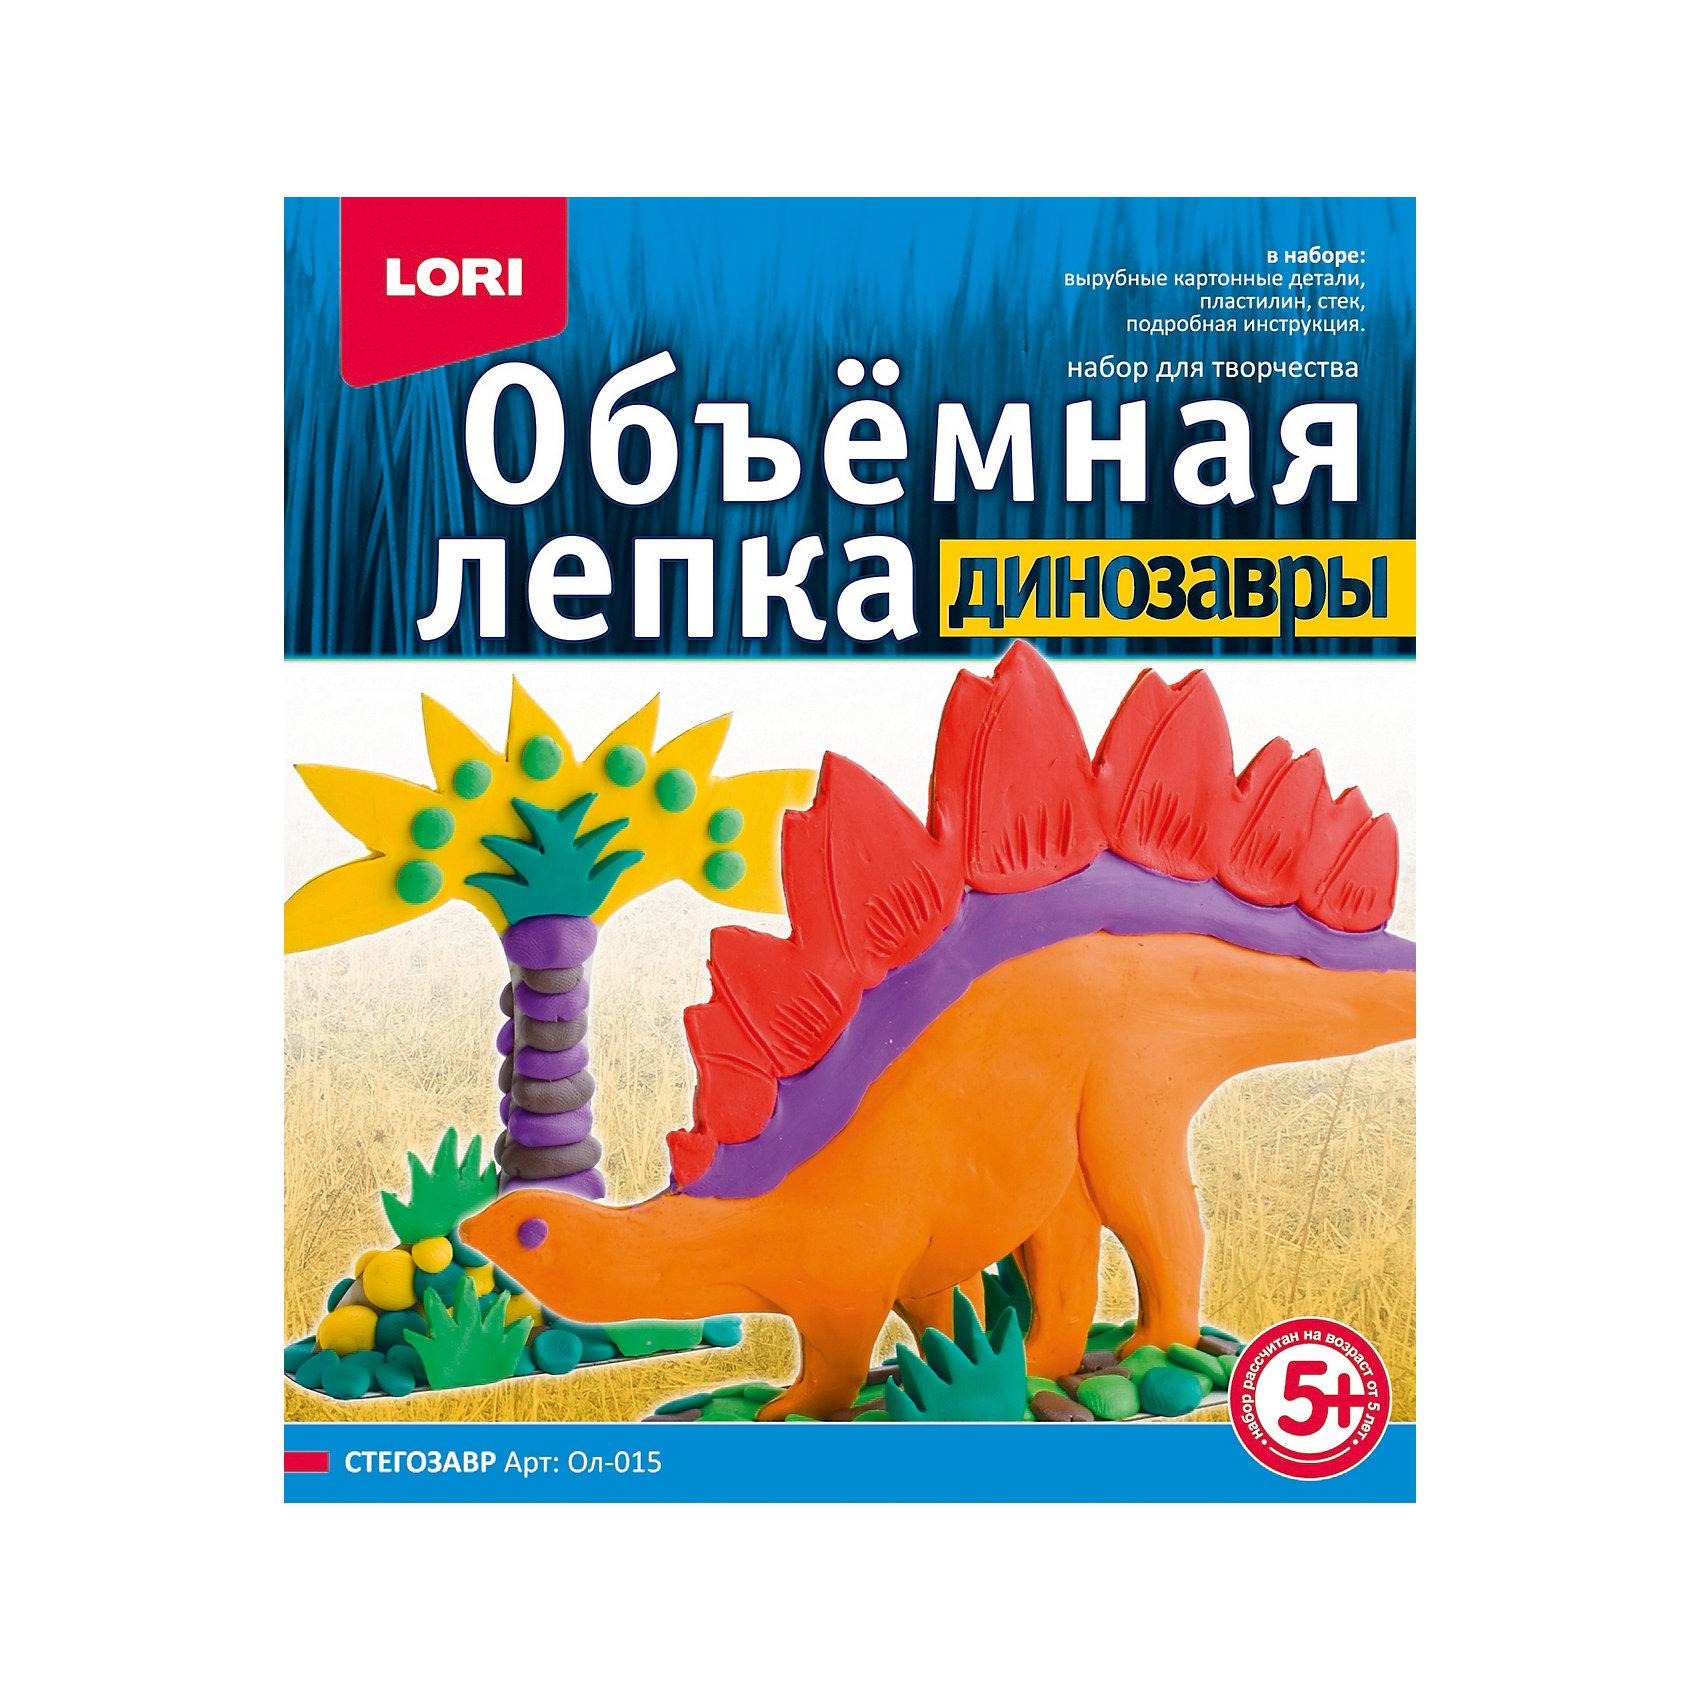 Набор для лепки Динозавры. Стегозавр, LORIНабор для лепки Динозавры. Стегозавр, LORI (ЛОРИ) из серии «Динозавры» подарит увлекательное и полезное занятие  юным любителям лепки! Уникальная серия «Динозавры», позволяющая создать объемные сюжеты из жизни динозавров при помощи картона и пластилина. Картонные детали, входящие в набор, необходимо облепить пластилином и соединить их согласно инструкции –  у ребенка получится объемная фигурка стегозавра из рода растительноядных ящеров – пожалуй, самого узнаваемого динозавра благодаря его знаменитым костяным платинам на спине и шипам на хвосте. А используя другие наборы для лепки из данной серии, Ваш малыш сможет собрать свой Парк Юрского Периода!<br><br>Комплектация: вырубные элементы из картона, пластилин, стек, инструкция<br><br>Дополнительная информация:<br>-Развивает: цветовосприятие, мелкую моторику, внимание, образное мышление, усидчивость<br>-Размеры в упаковке: 23х20х4 см<br>-Вес в упаковке: 376 г <br>-Материалы: пластилин, картон, пластик<br><br>Набор для лепки Динозавры. Стегозавр, LORI (ЛОРИ) можно купить в нашем магазине.<br><br>Ширина мм: 230<br>Глубина мм: 200<br>Высота мм: 40<br>Вес г: 376<br>Возраст от месяцев: 60<br>Возраст до месяцев: 108<br>Пол: Унисекс<br>Возраст: Детский<br>SKU: 4296895